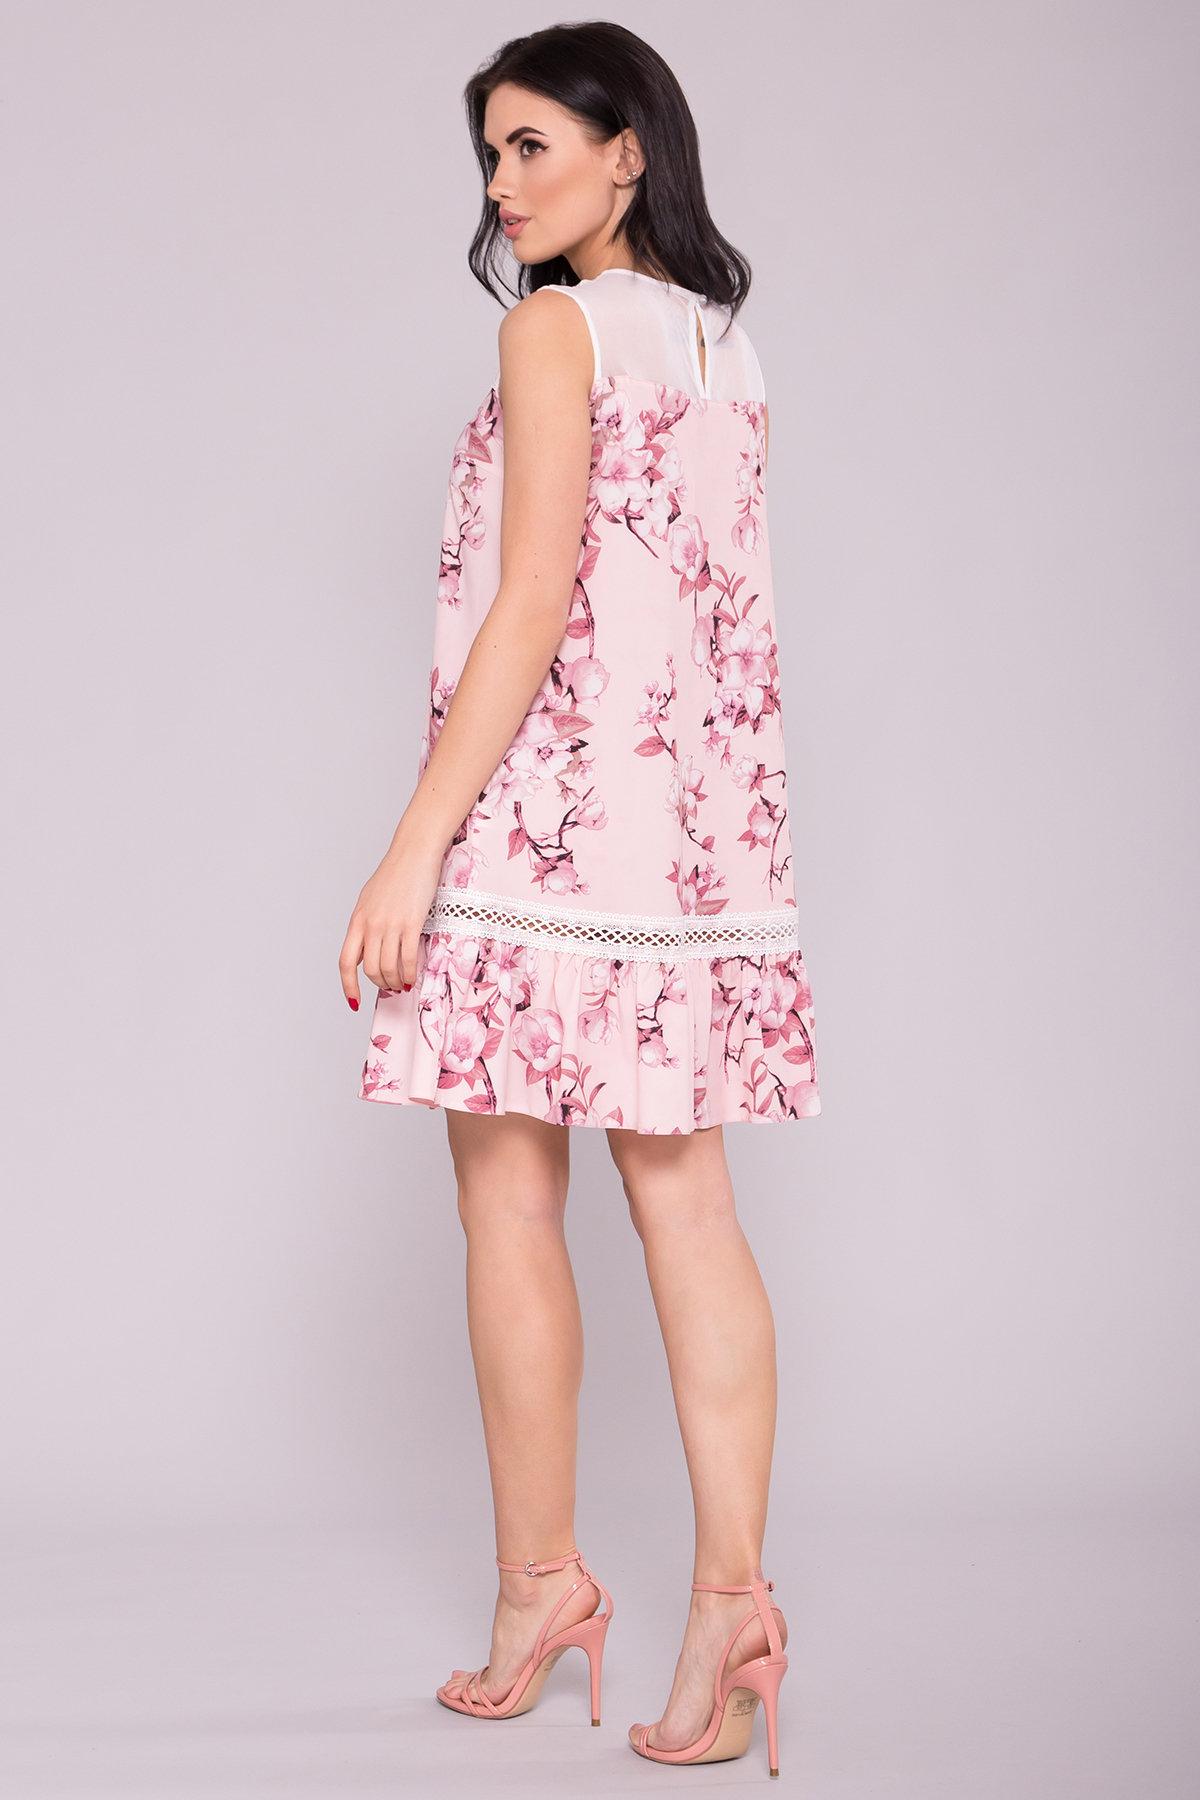 Платье Инга 7063 АРТ. 42359 Цвет: Цветы на ветке пудра темная - фото 2, интернет магазин tm-modus.ru